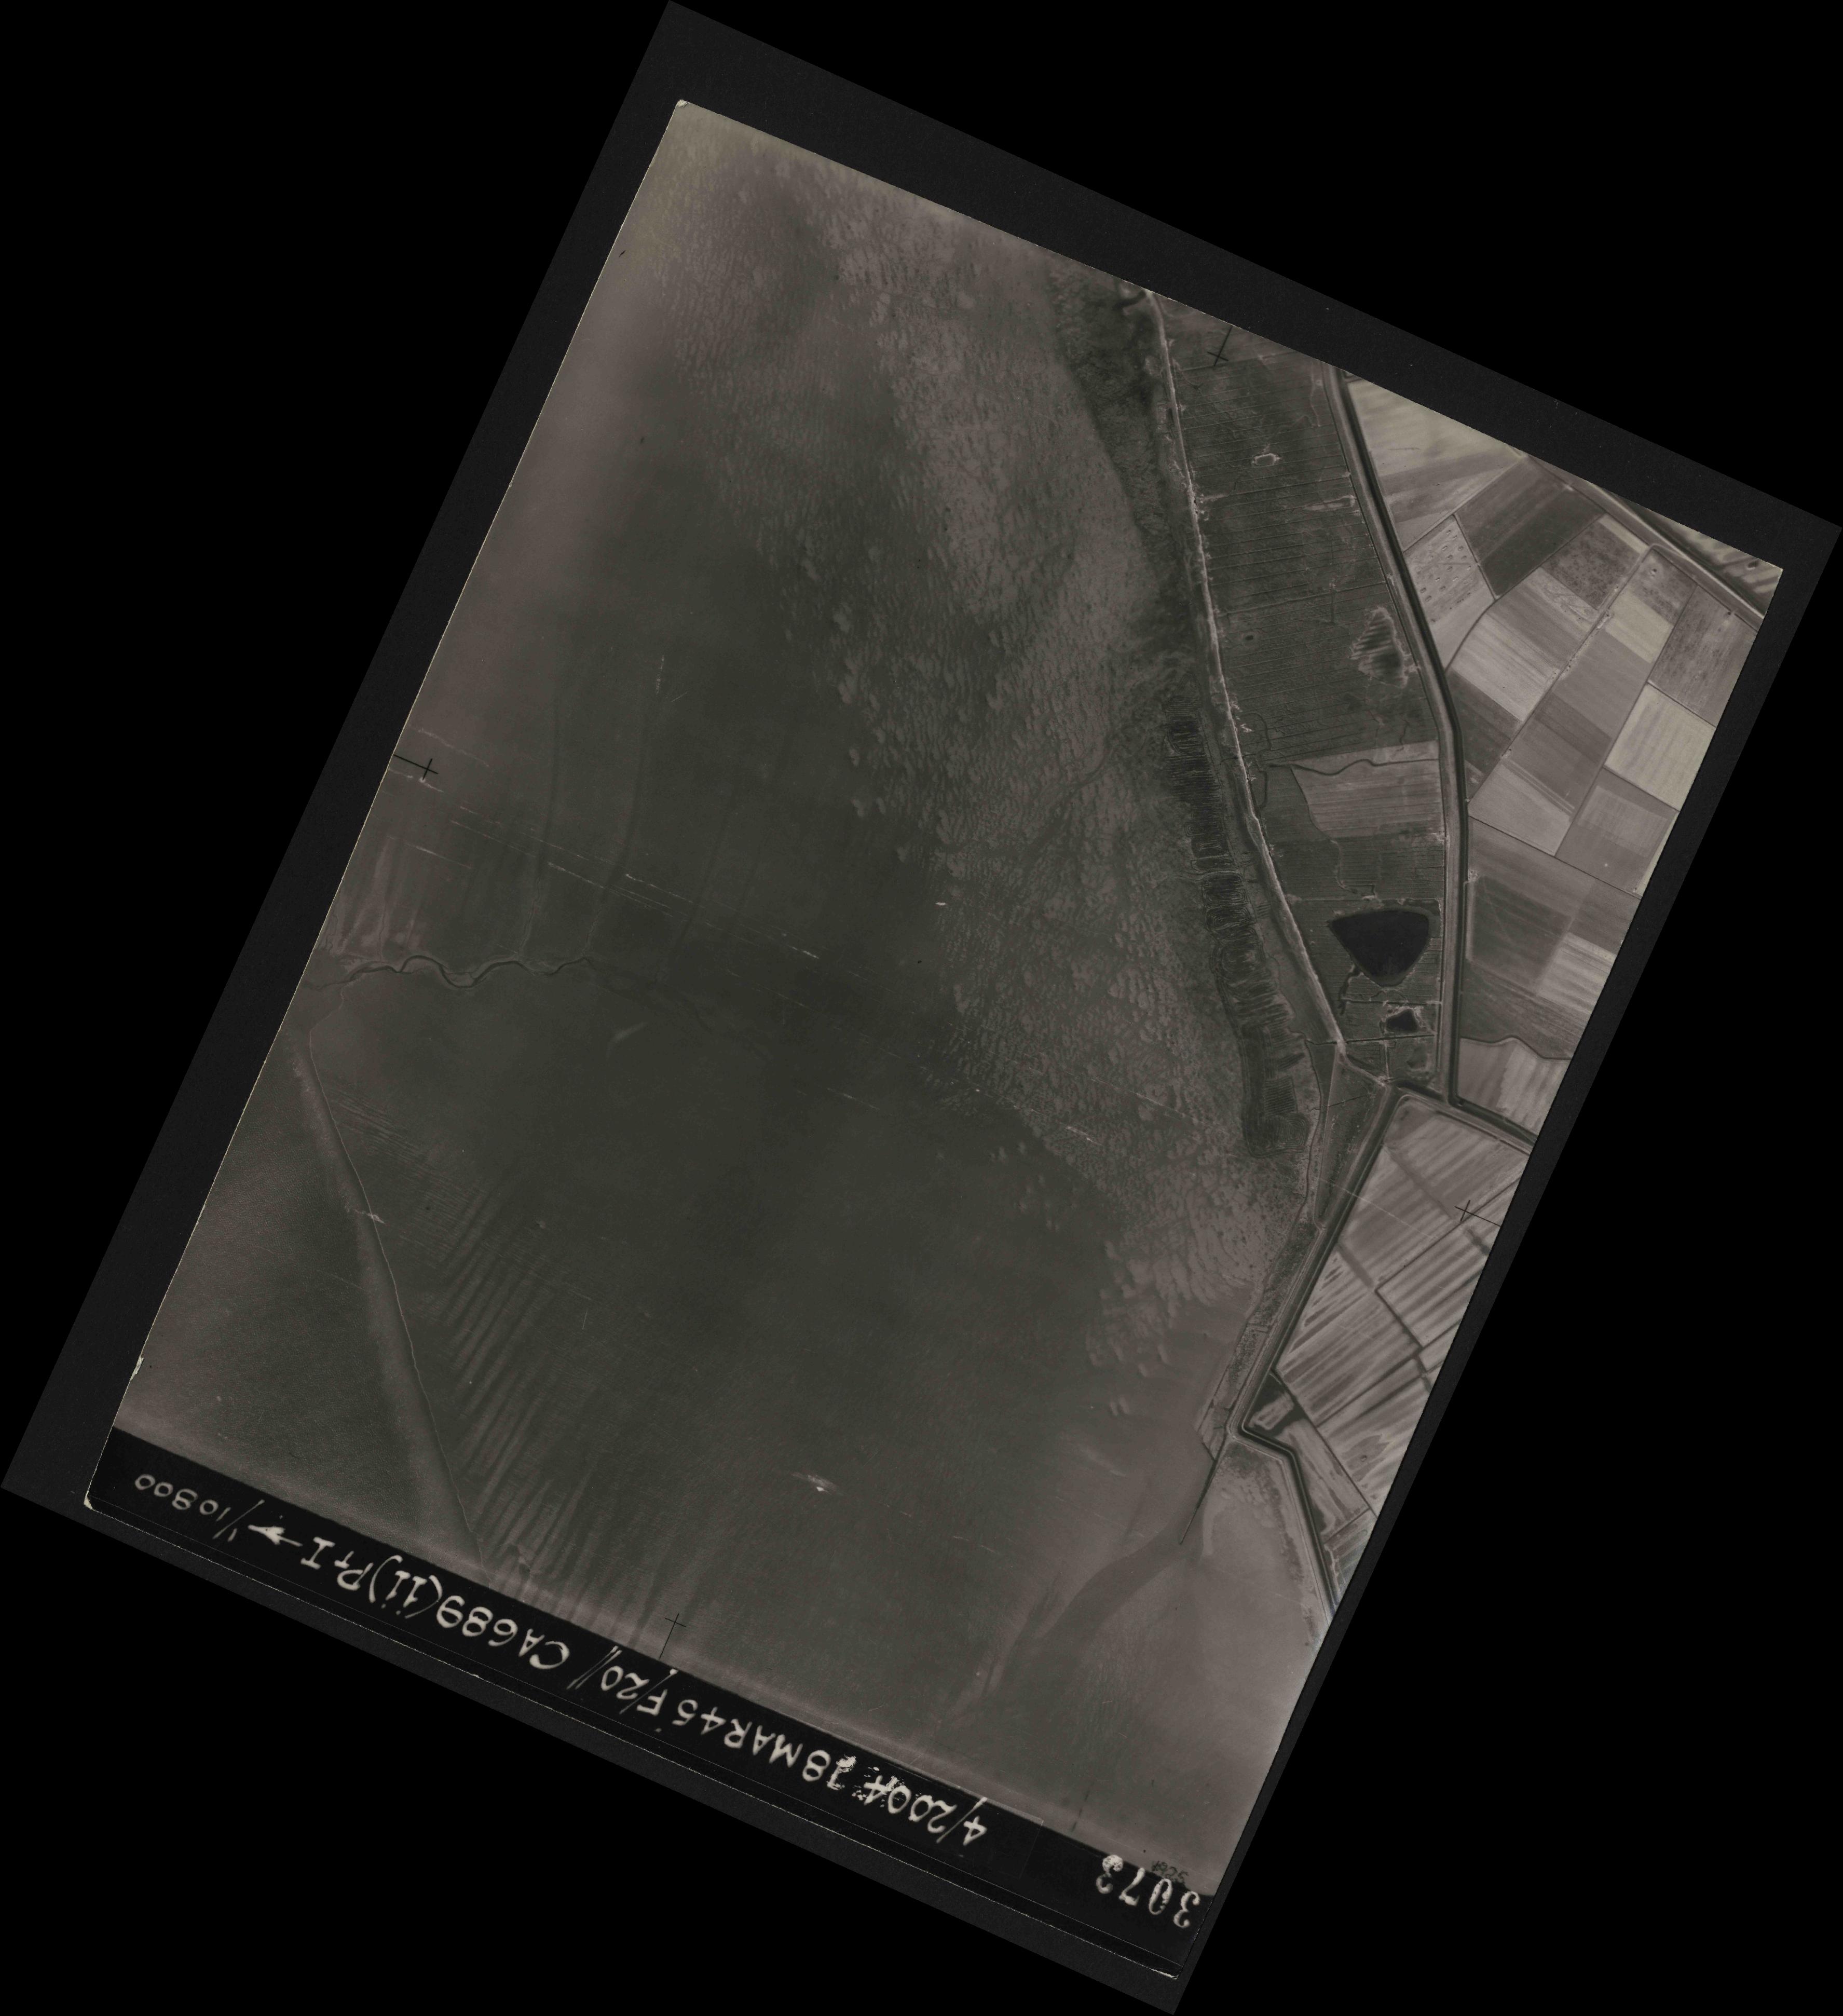 Collection RAF aerial photos 1940-1945 - flight 076, run 11, photo 3073